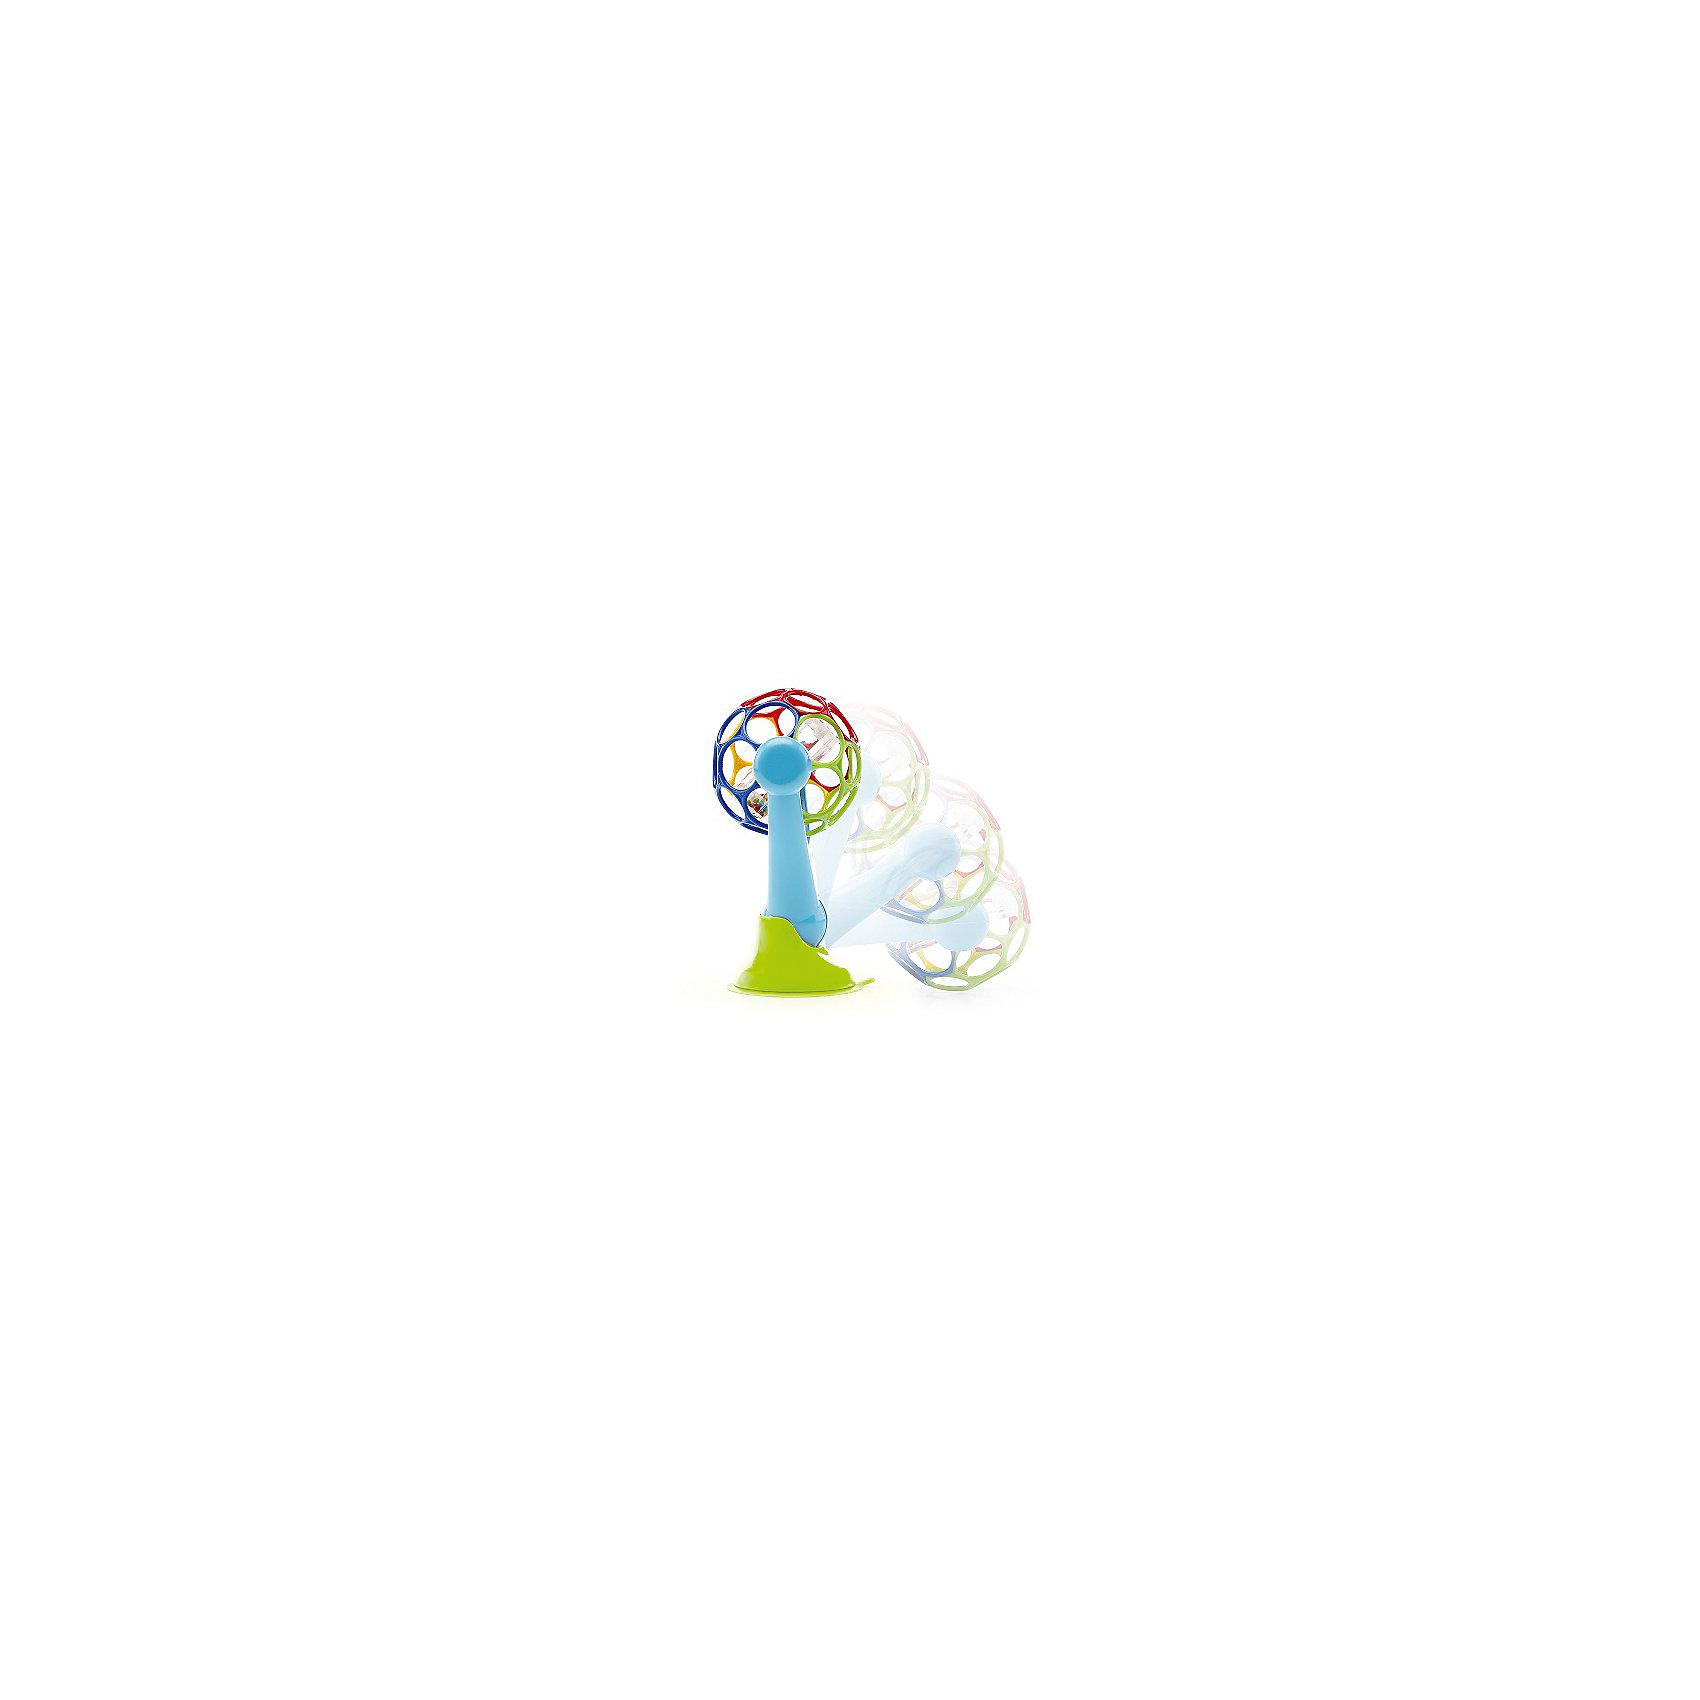 Развивающая игрушка на присоске, OballЯркая развивающая игрушка на присоске обязательно придется по вкусу малышам! Благодаря надежной присоске игрушка хорошо крепится к любой поверхности. Ребенок может крутить мячик, наклонять его, даже пробовать на вкус: игрушка сделана из качественных материалов и они абсолютно безопасны для здоровья малыша. Яркие цвета и необычная форма устройства развивают воображение ребенка, его мелкую моторику, скорость реакции и просто поднимают настроение вашего крохи.<br><br>Дополнительная информация:<br><br>- Материал: пластик.<br>- Размер: 13х10х18 см.<br><br>Развивающую игрушку на присоске, Oball, можно купить в нашем магазине.<br><br>Ширина мм: 325<br>Глубина мм: 152<br>Высота мм: 96<br>Вес г: 166<br>Возраст от месяцев: 3<br>Возраст до месяцев: 24<br>Пол: Унисекс<br>Возраст: Детский<br>SKU: 4177980